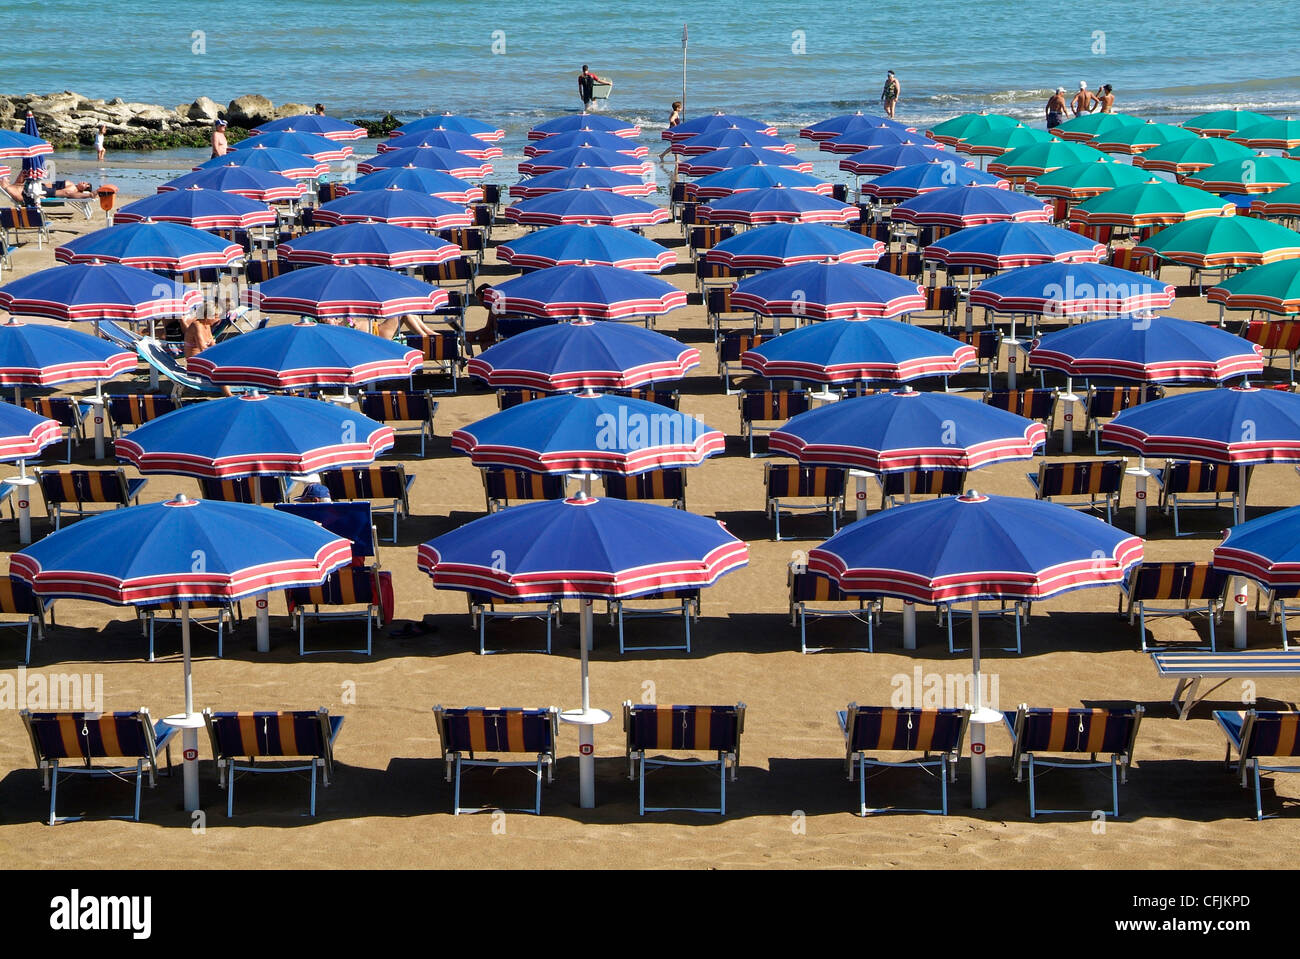 Beach at Cattolica, Adriatic coast, Emilia-Romagna, Italy, Europe - Stock Image